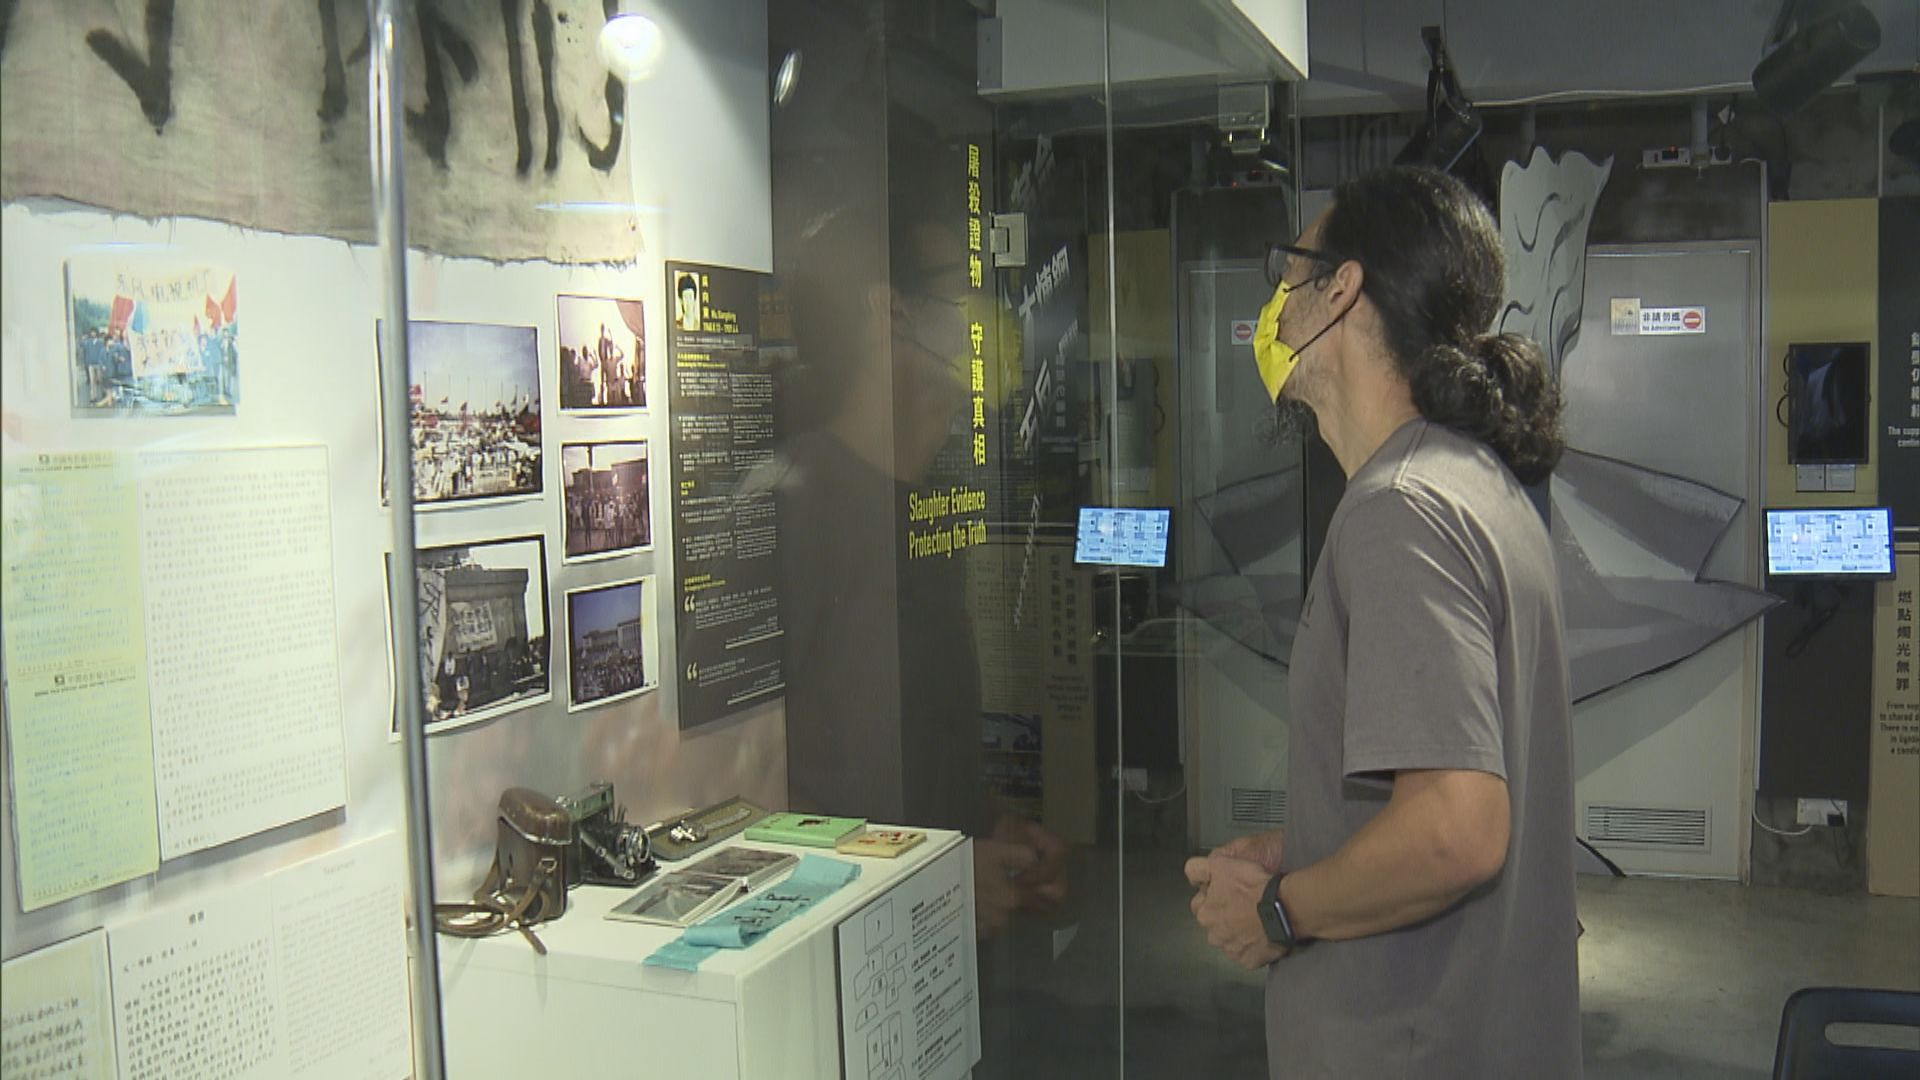 六四事件32周年 六四紀念館辦圖片展六四晚延長開放